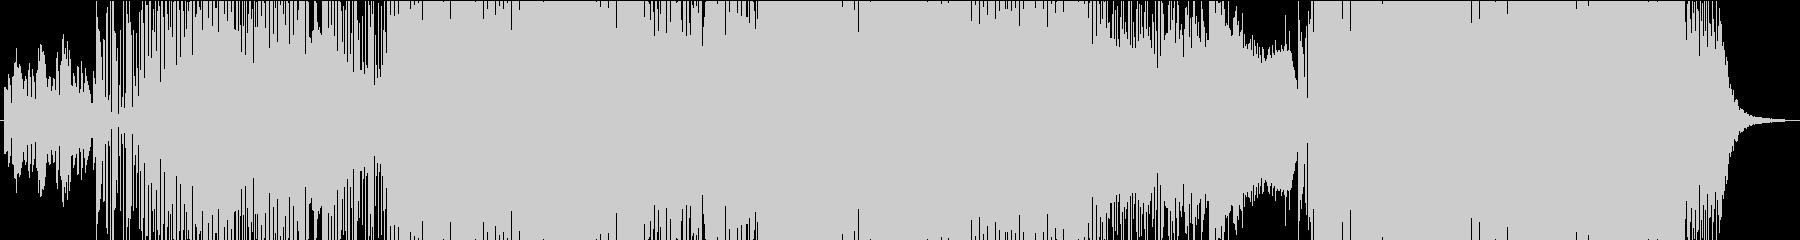 クリスマス曲エレクトロアレンジの未再生の波形